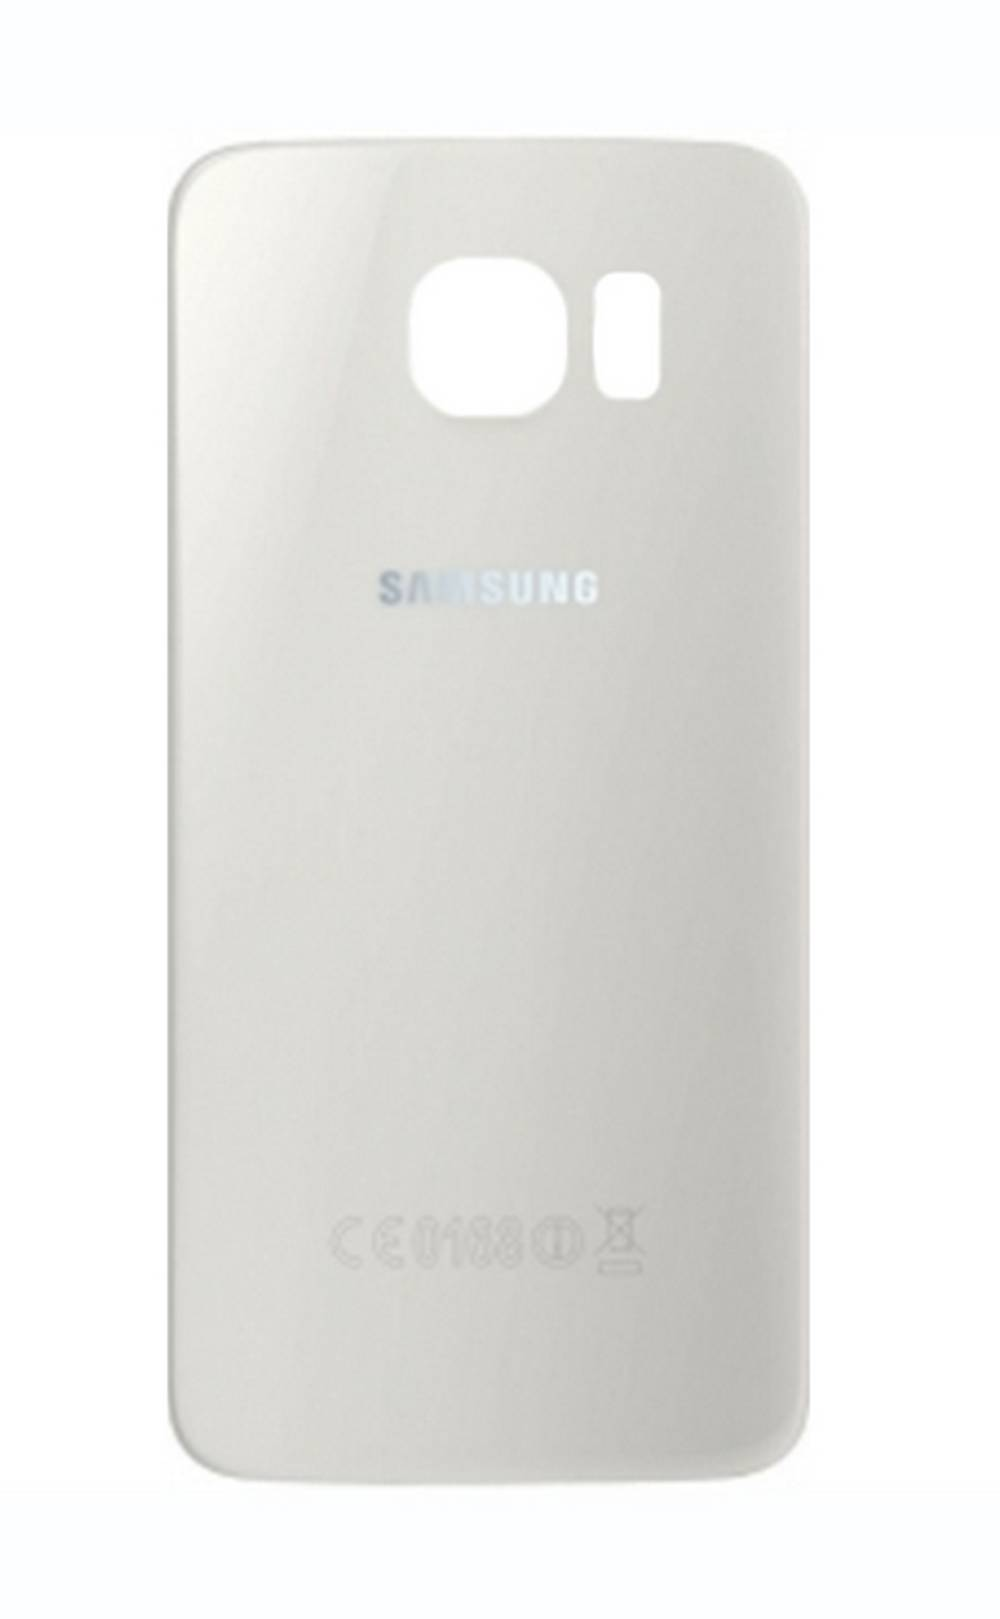 Καπάκι Μπαταρίας Samsung SM-G920F Galaxy S6 Λευκό GH82-09825B